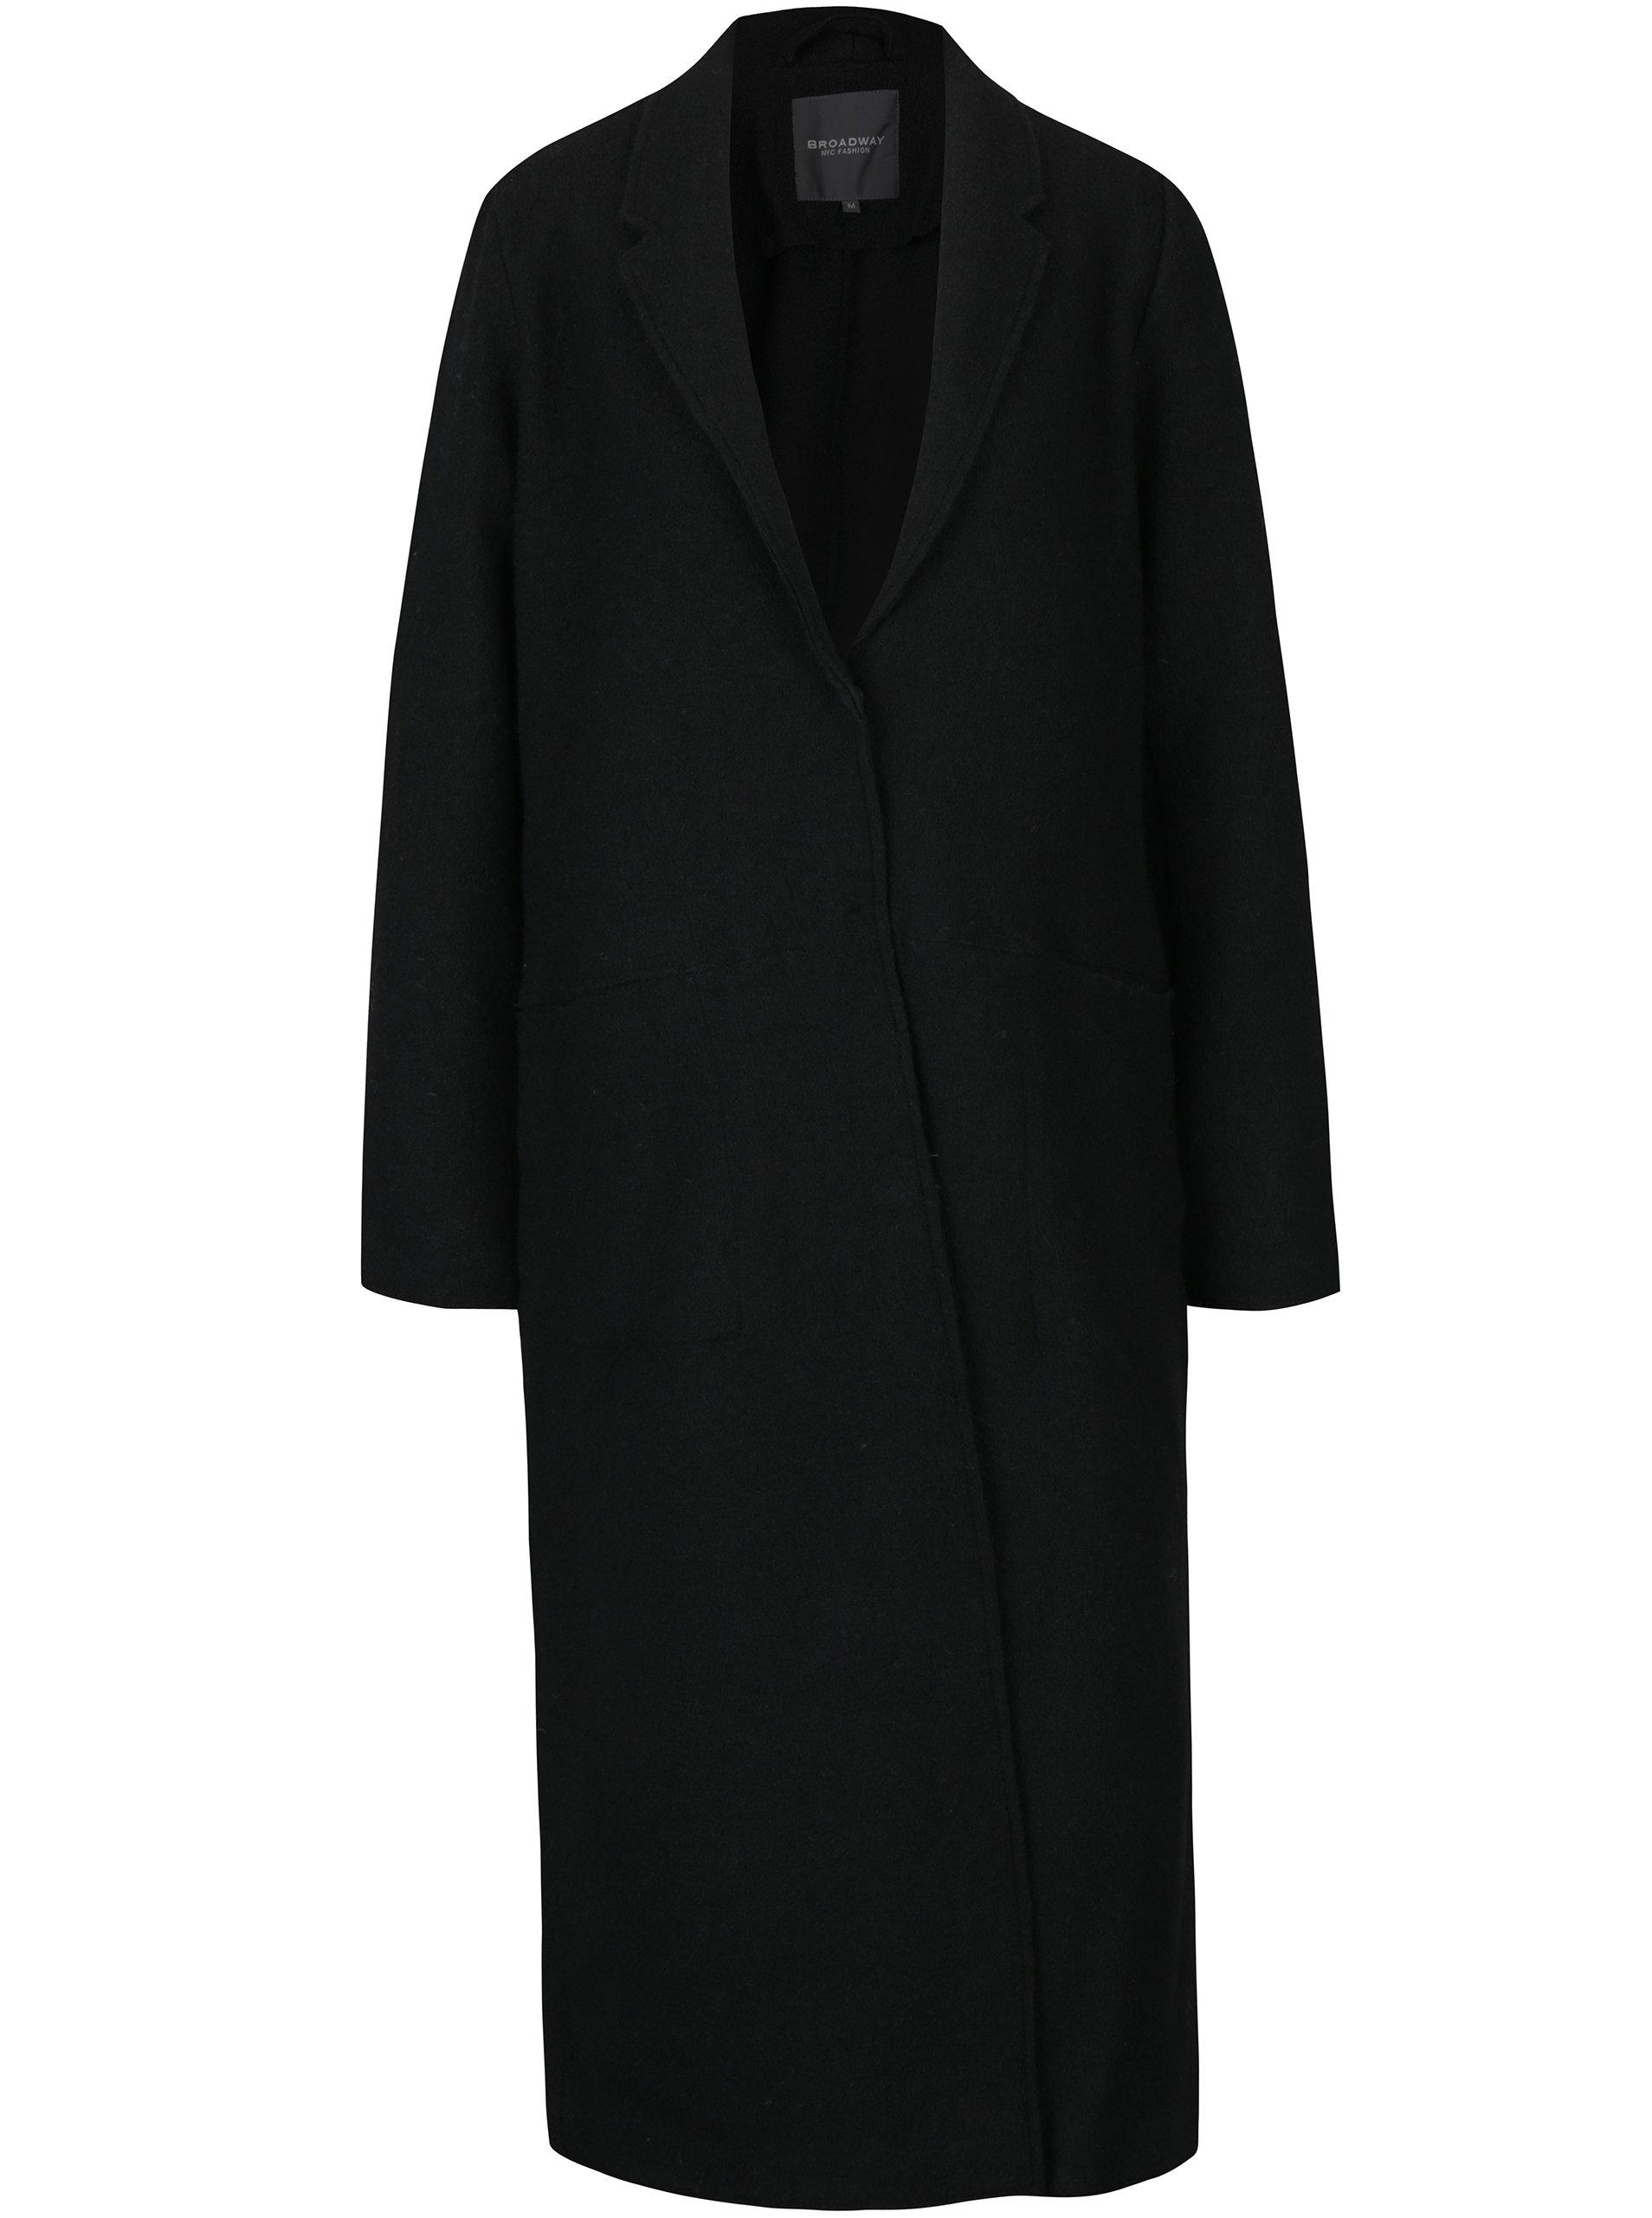 Černý dámský dlouhý vlněný kabát Broadway Malea